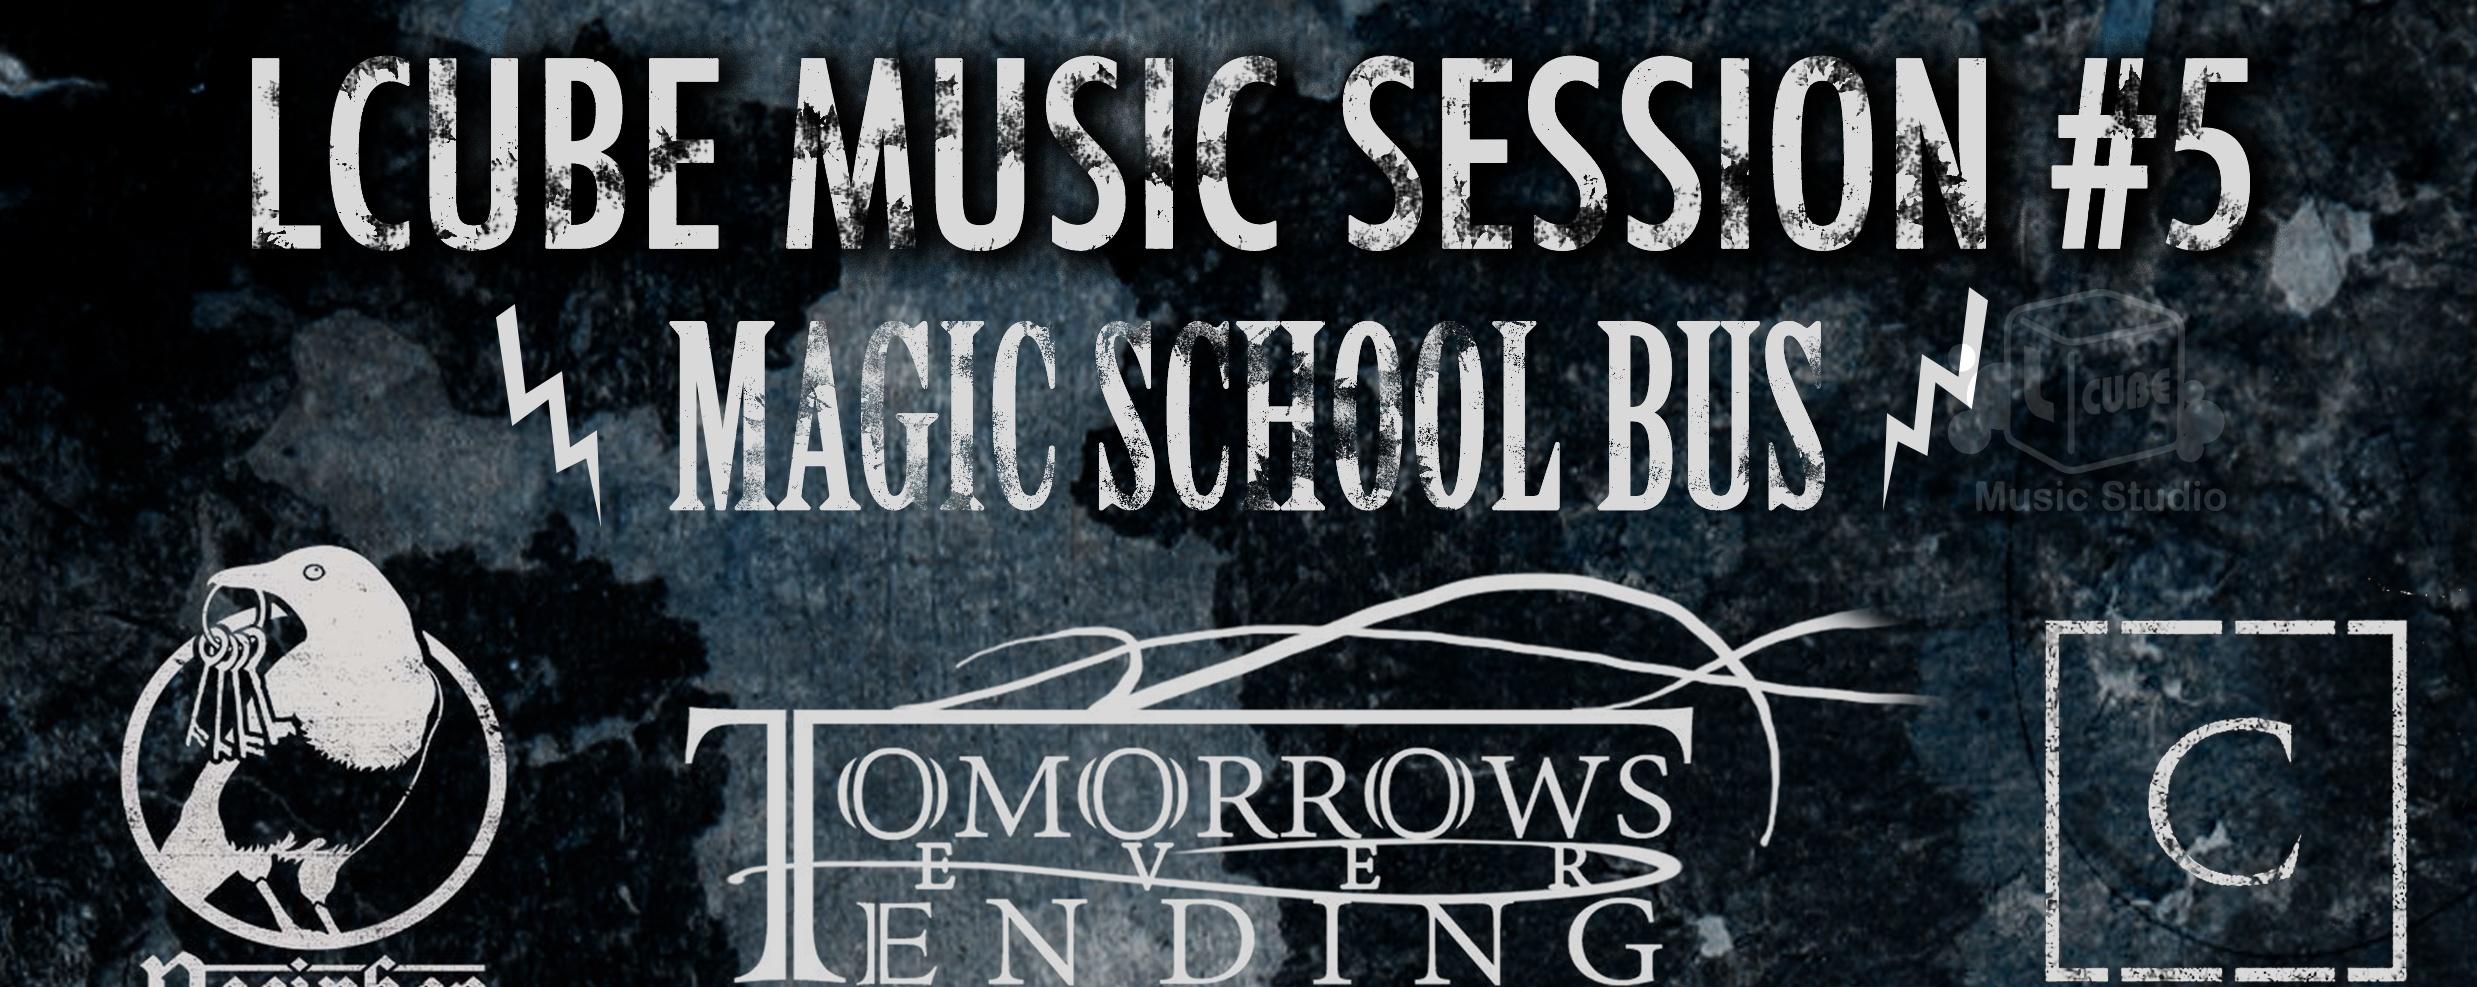 Lcube Music Session #5 Magic School Bus